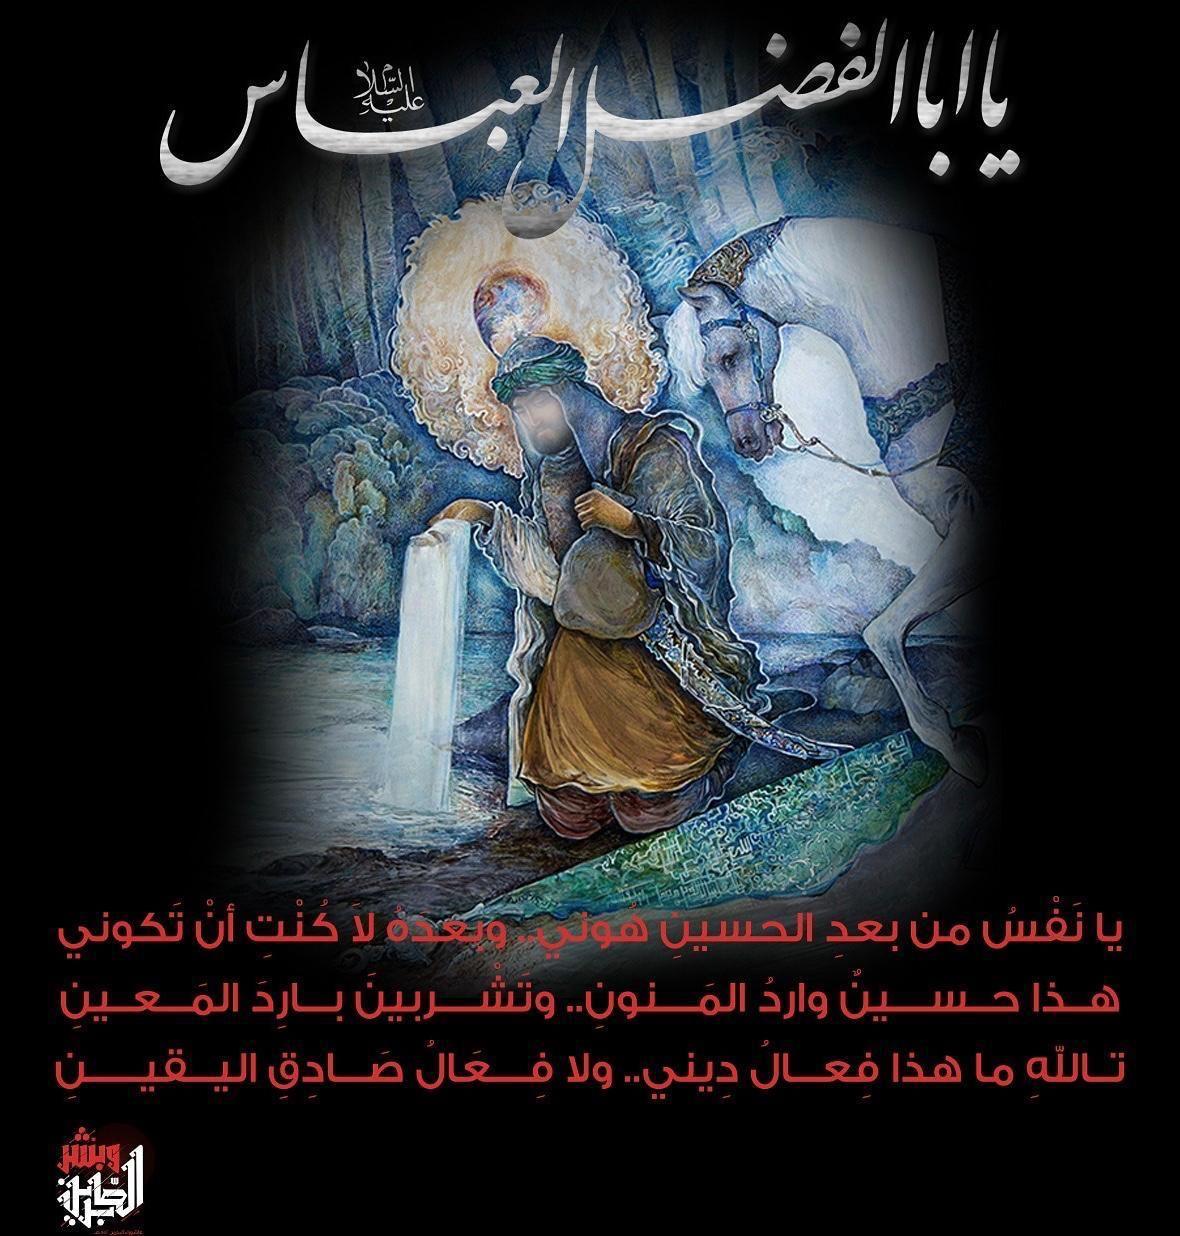 Pin By Abomohammad On مناسبات وولادات وشهادات وفيات أهل البيت عليهم السلام Movie Posters Art Poster